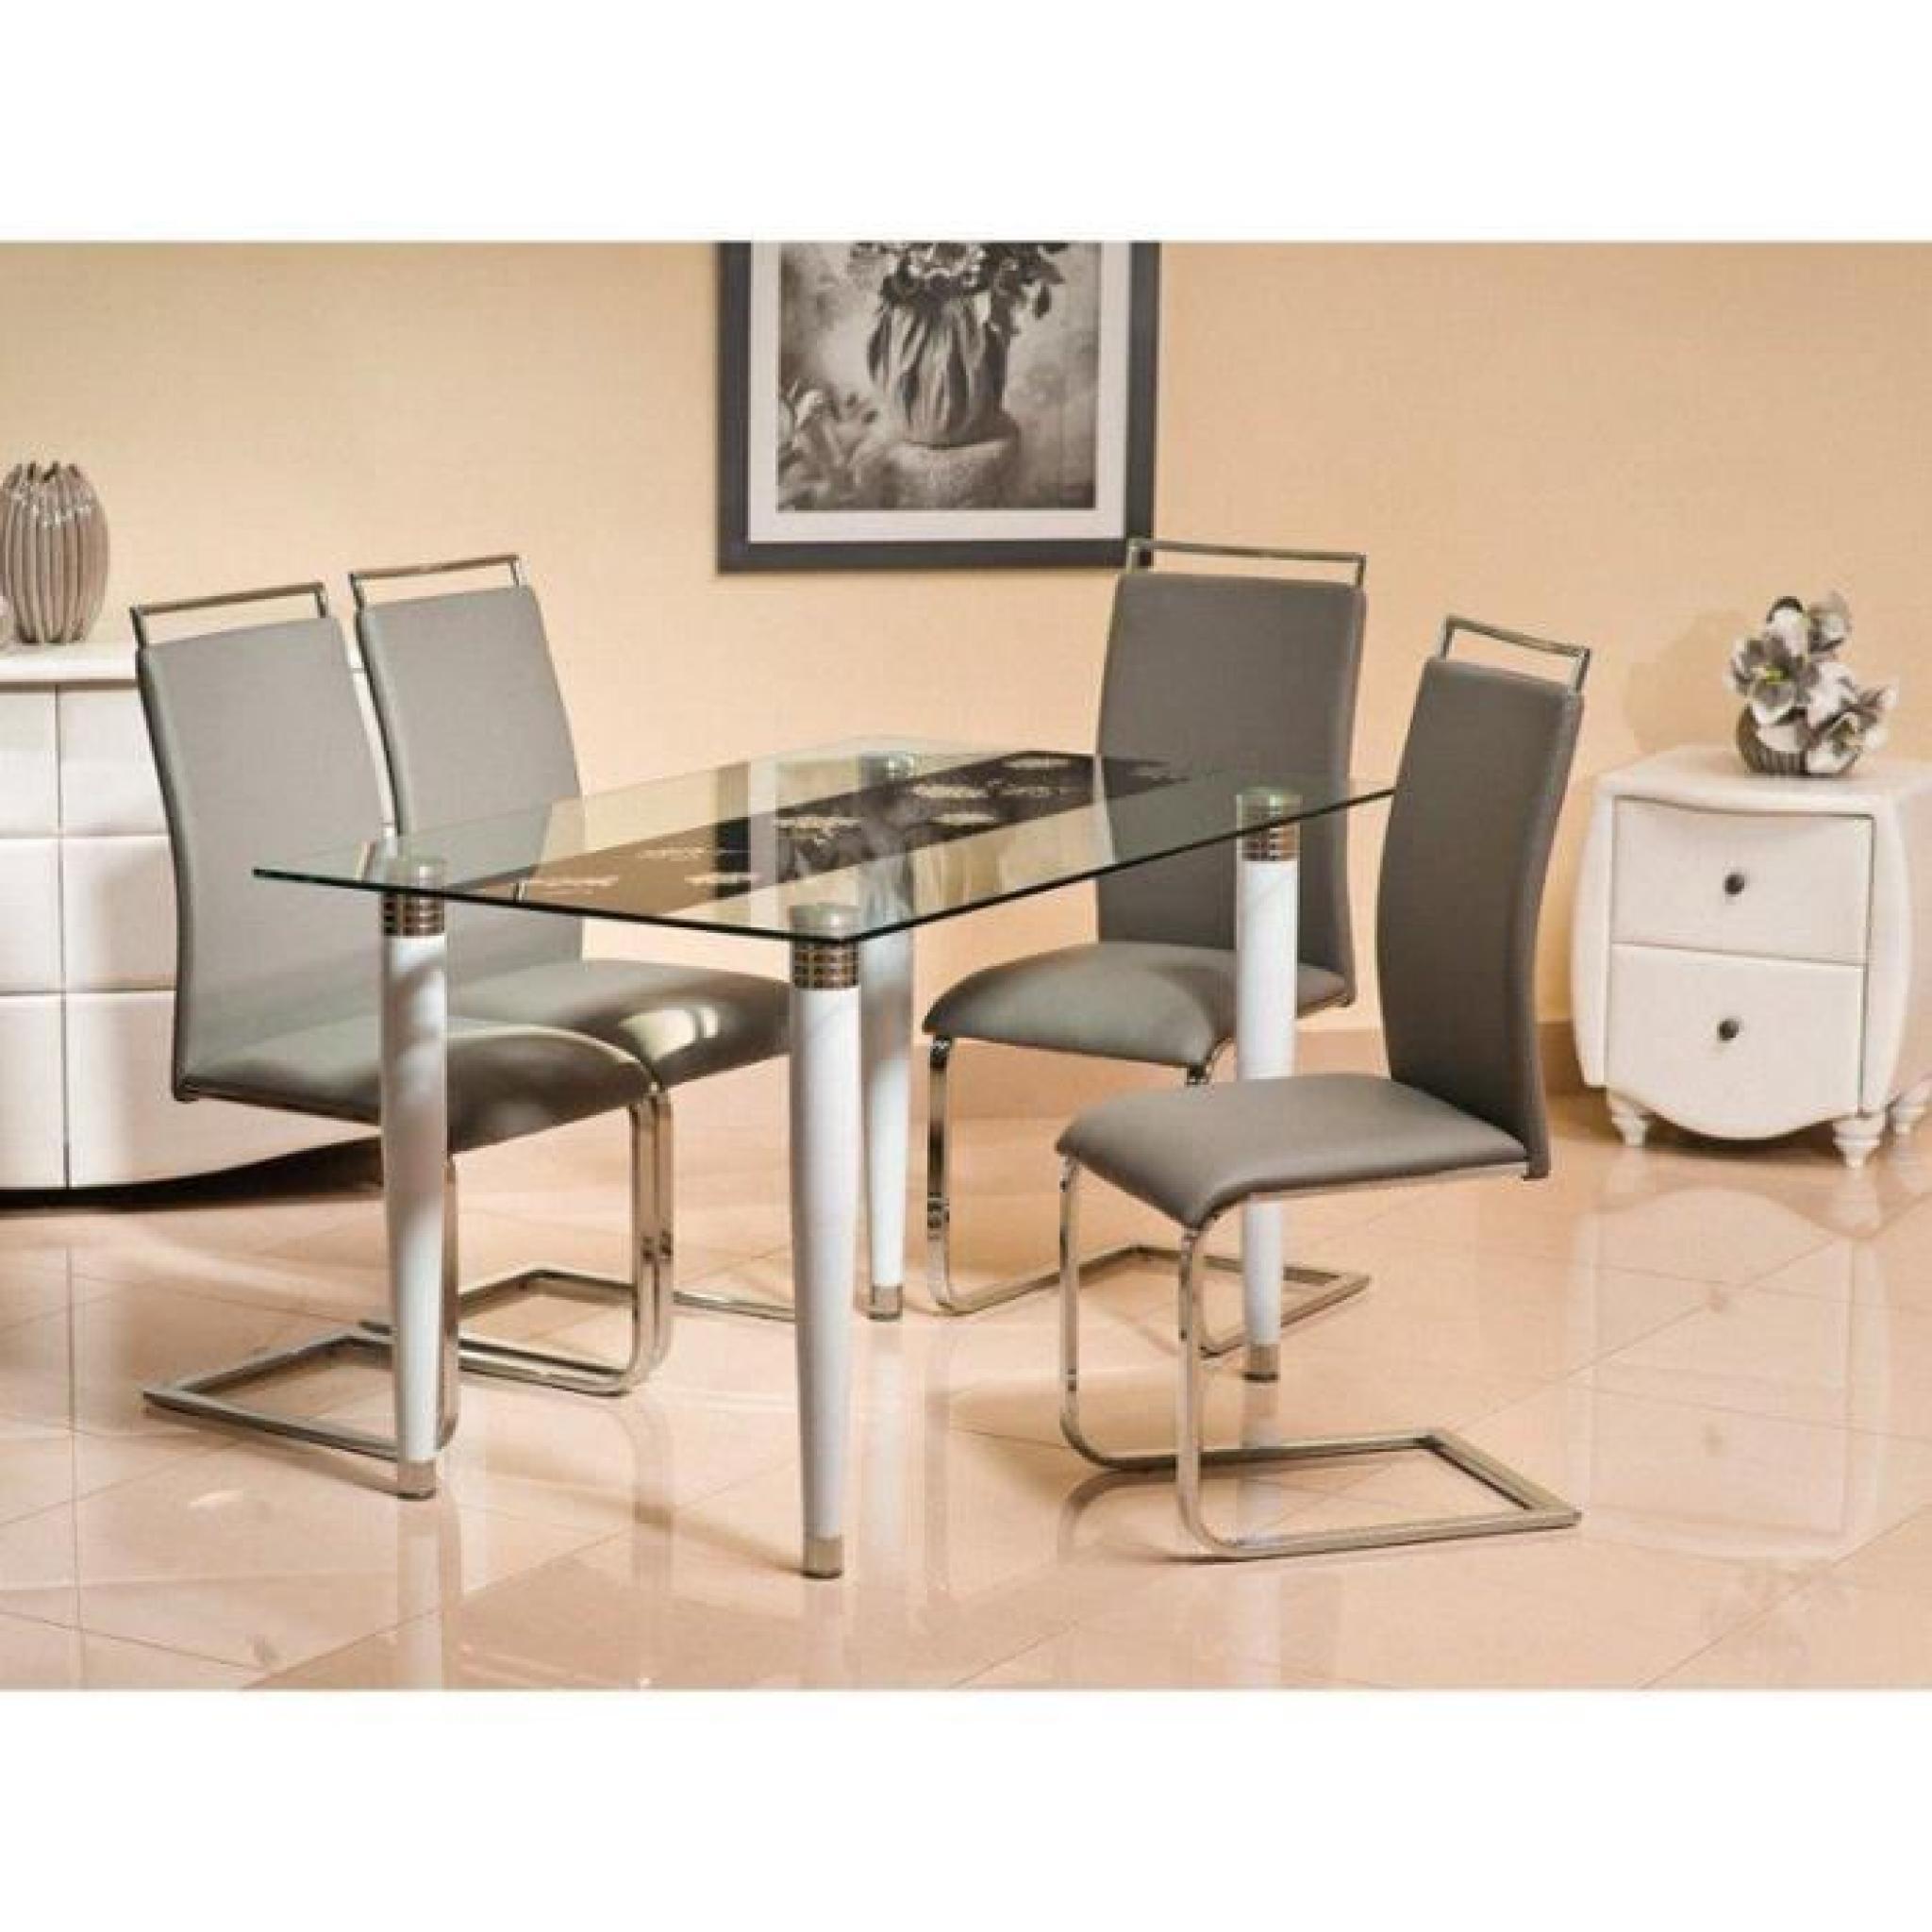 #91633A JUSThome Conti Table De Salle à Manger Verre 75 X 80 X 130  4065 table salle a manger design pas chere 2048x2048 px @ aertt.com